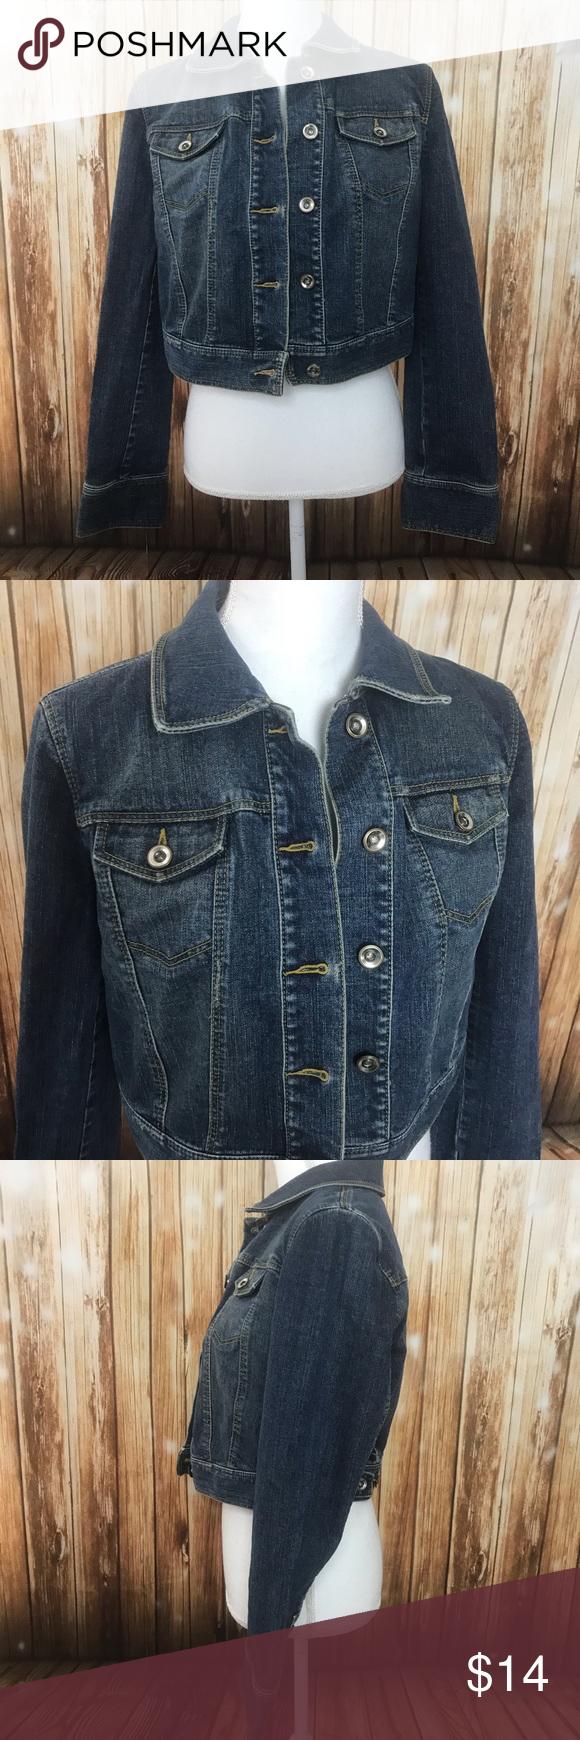 Loft blue jean jacket denim crop Measurements and care